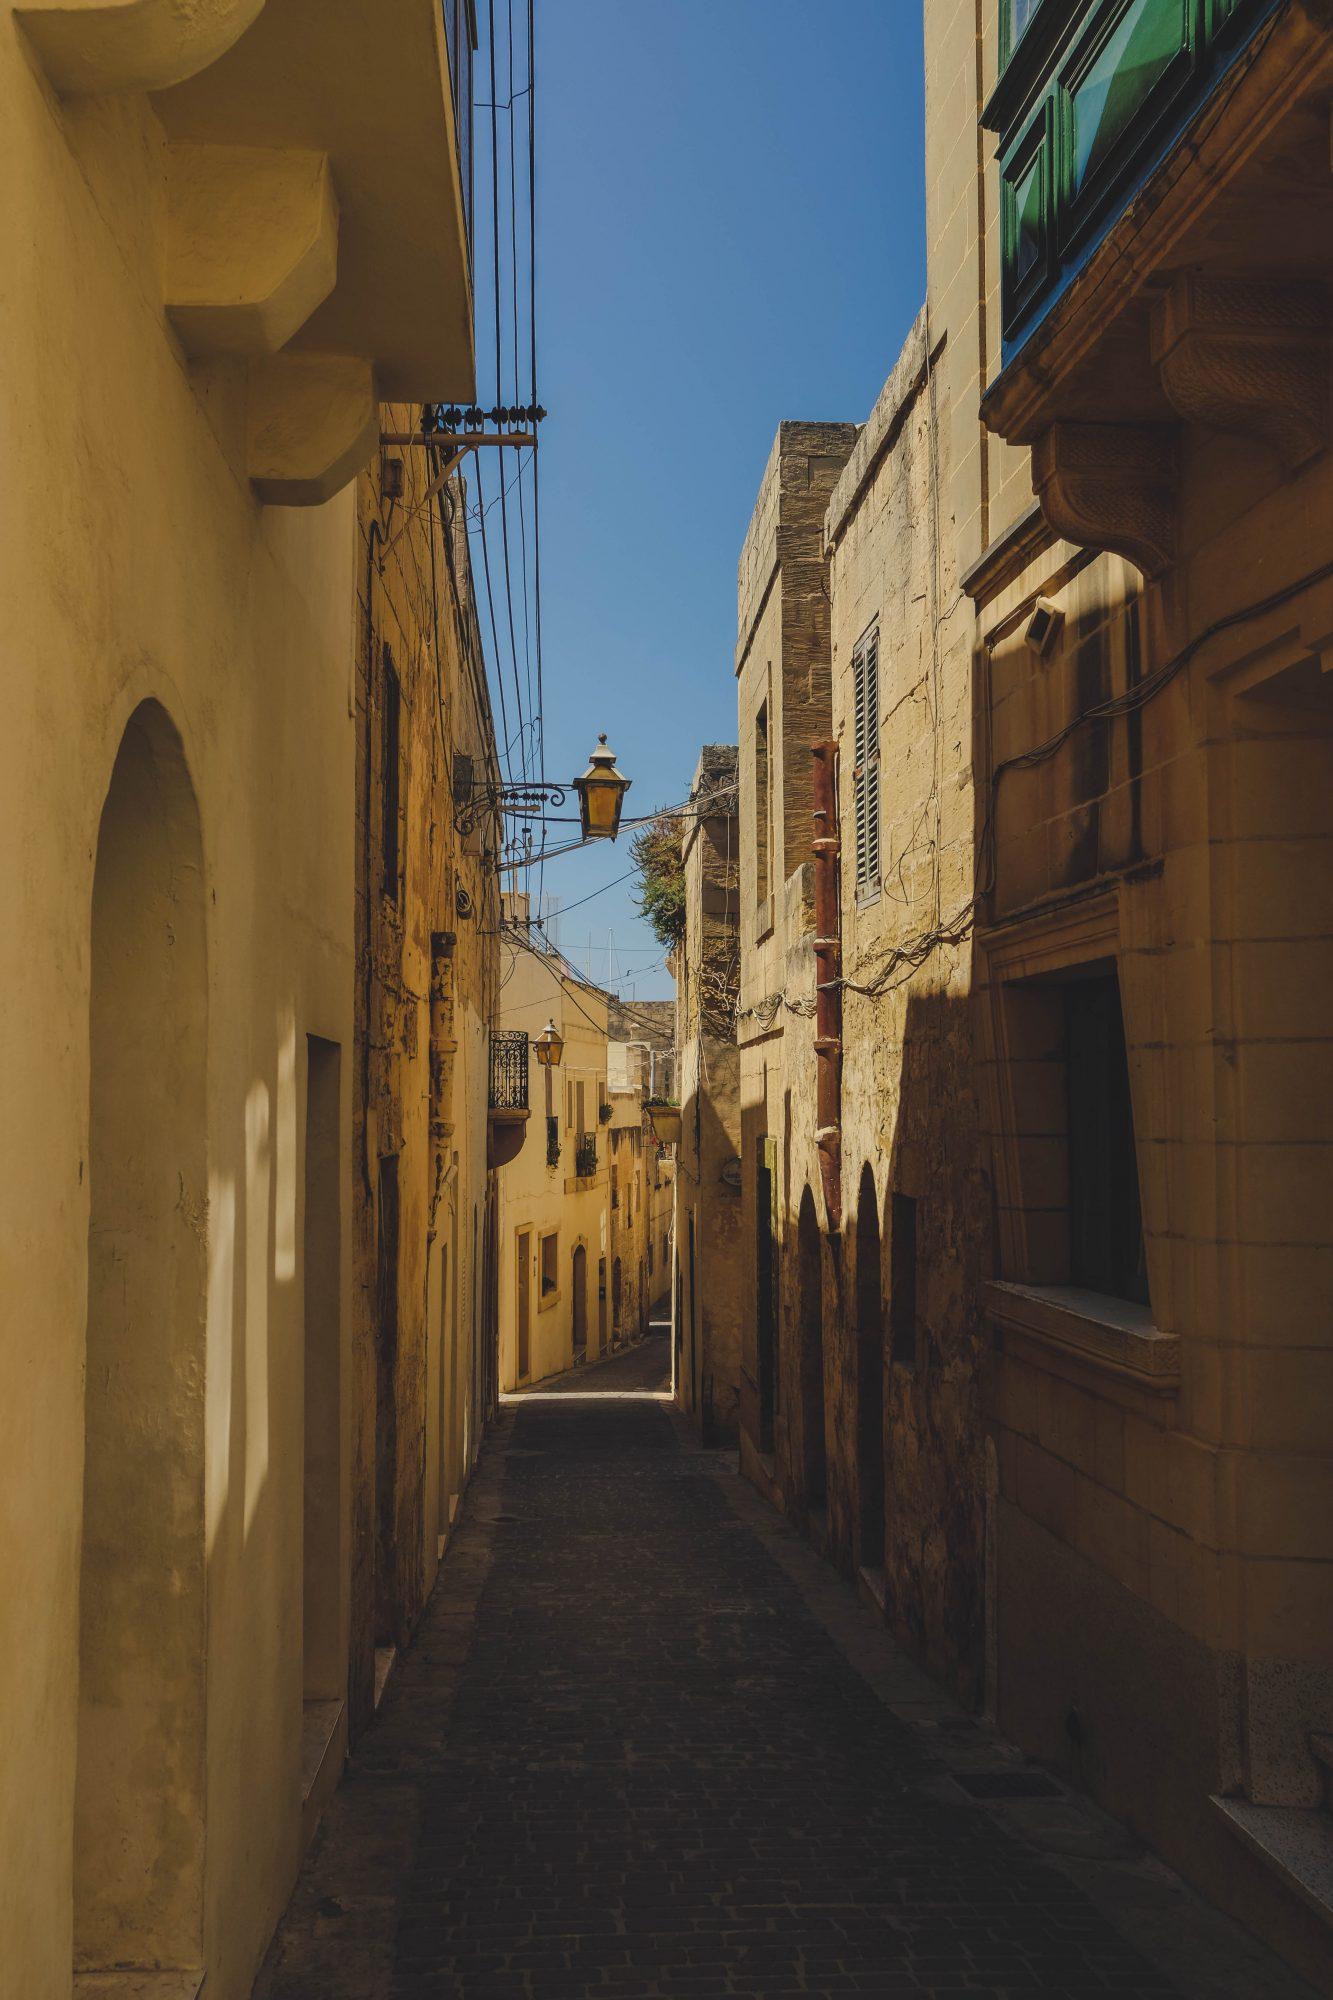 A l'ombre - Ir-Rabat Gozo Malte